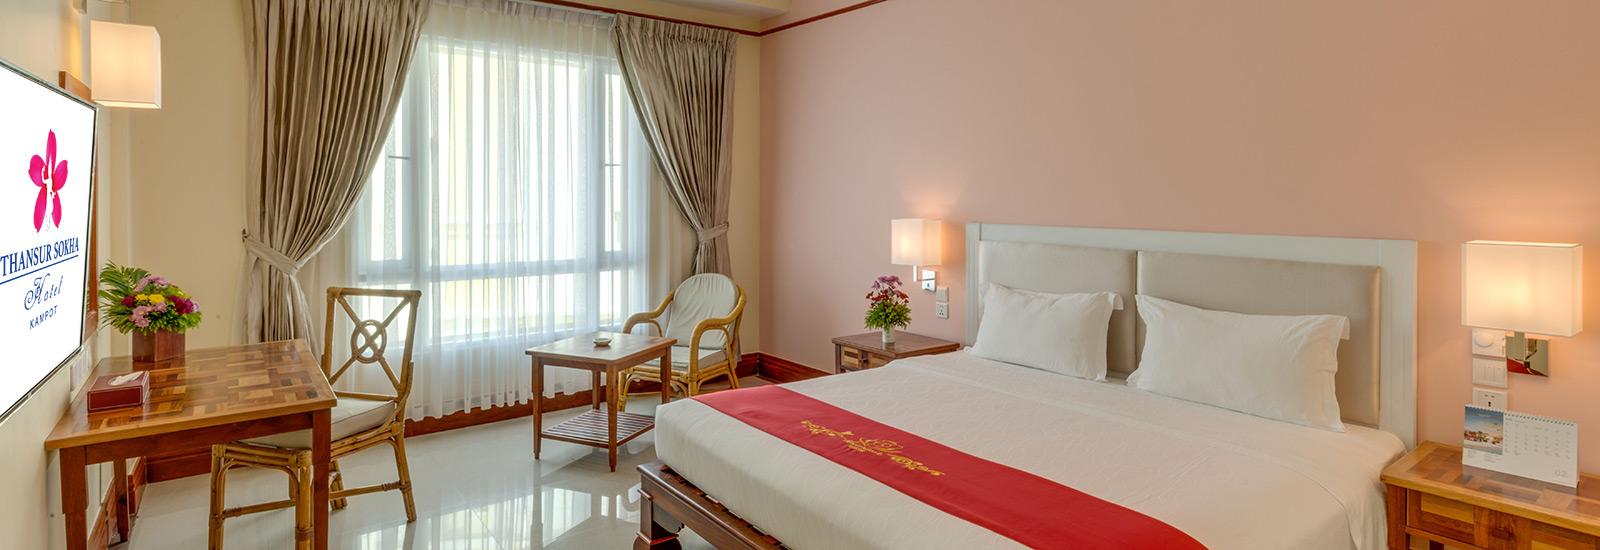 Champei Room